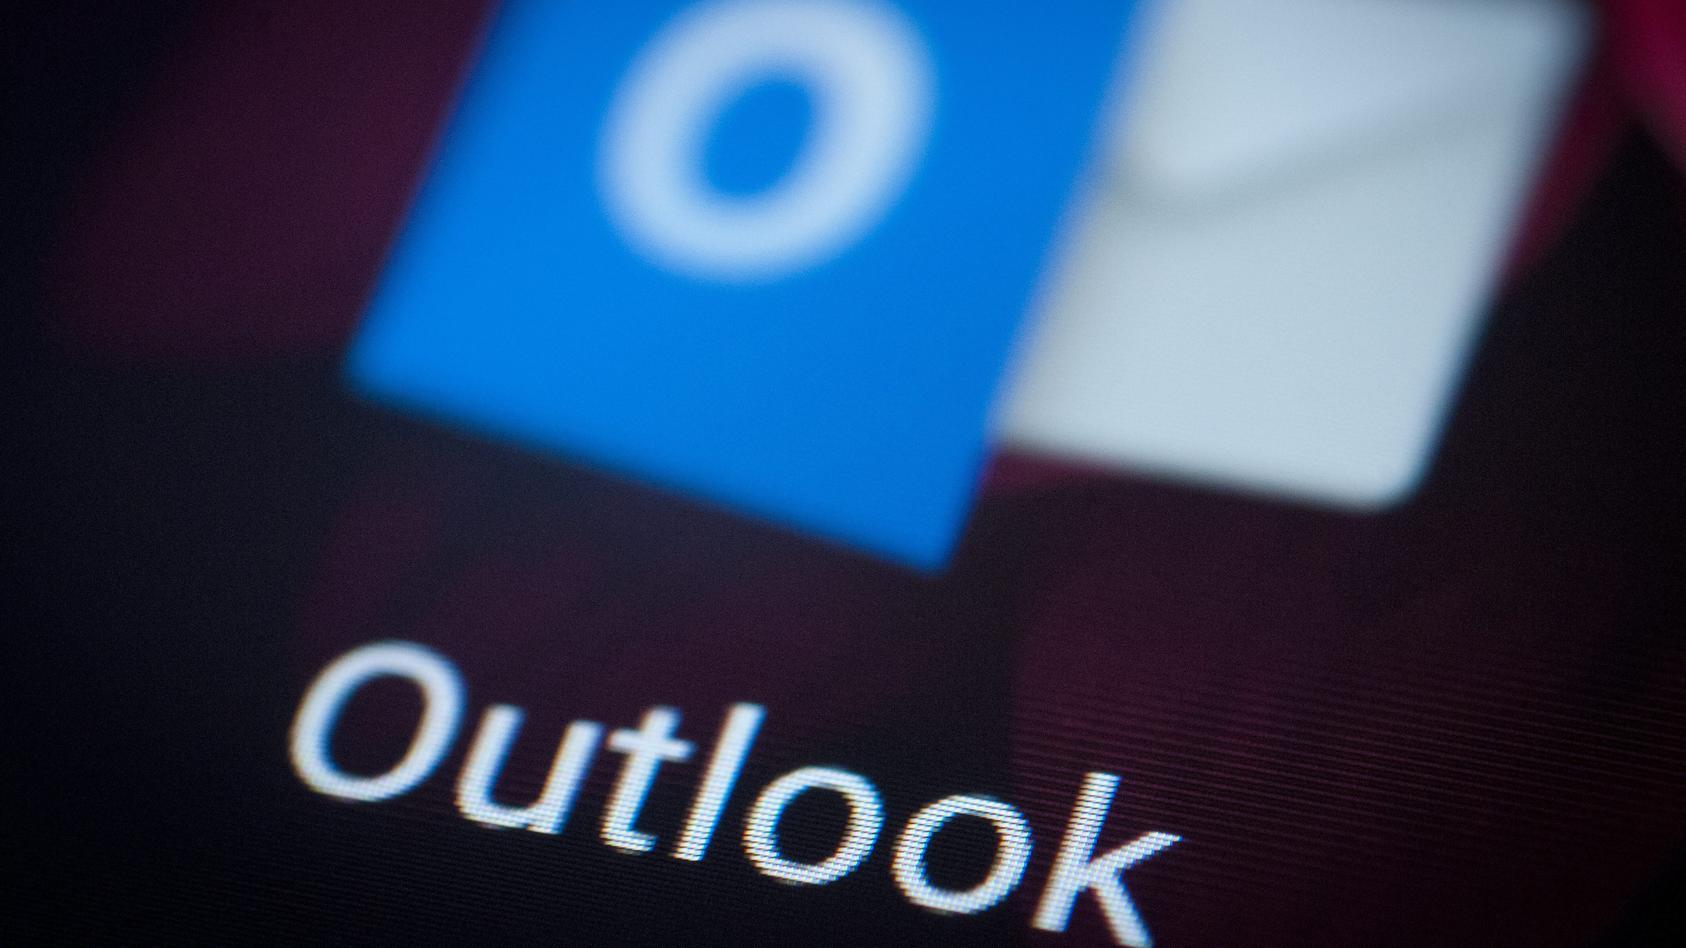 Die Verbraucherzentrale Bremen warnt vor einer Phishing-Masche bei Microsoft Outlook.